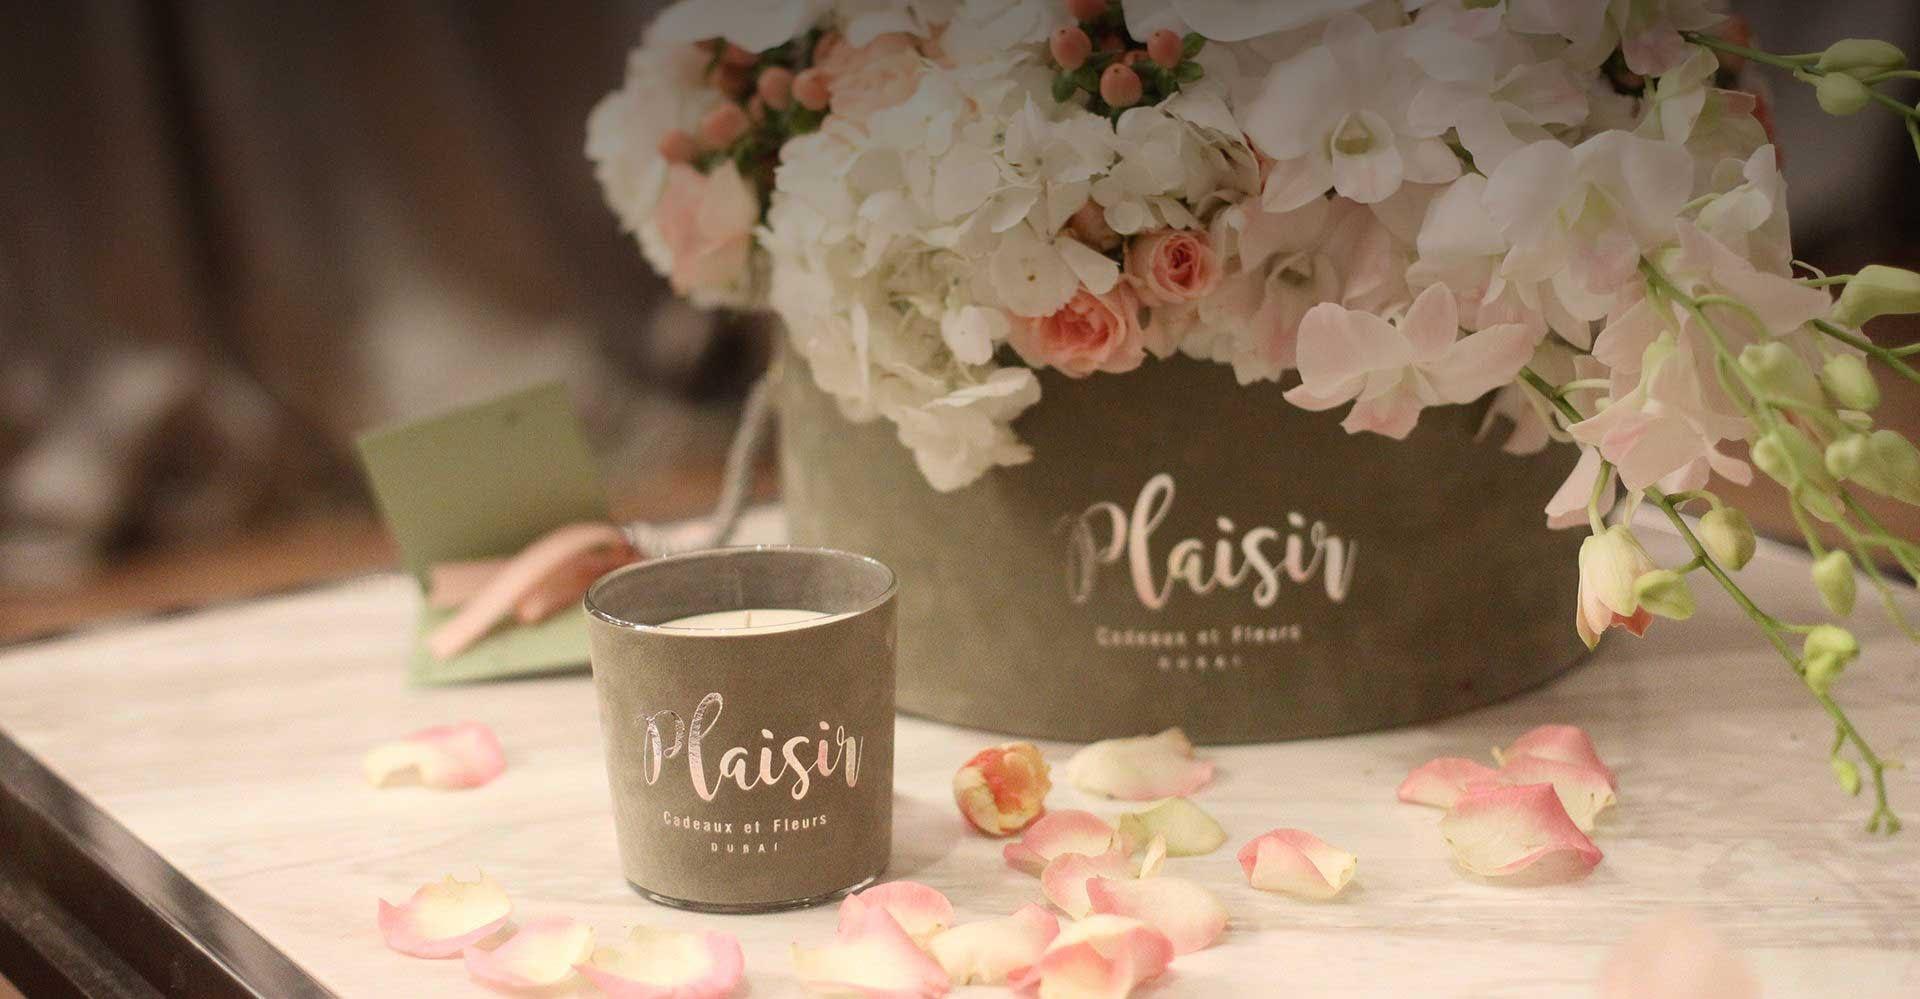 Candle & Flowers Bouquet | Plaisir Cadeaux et Fleurs